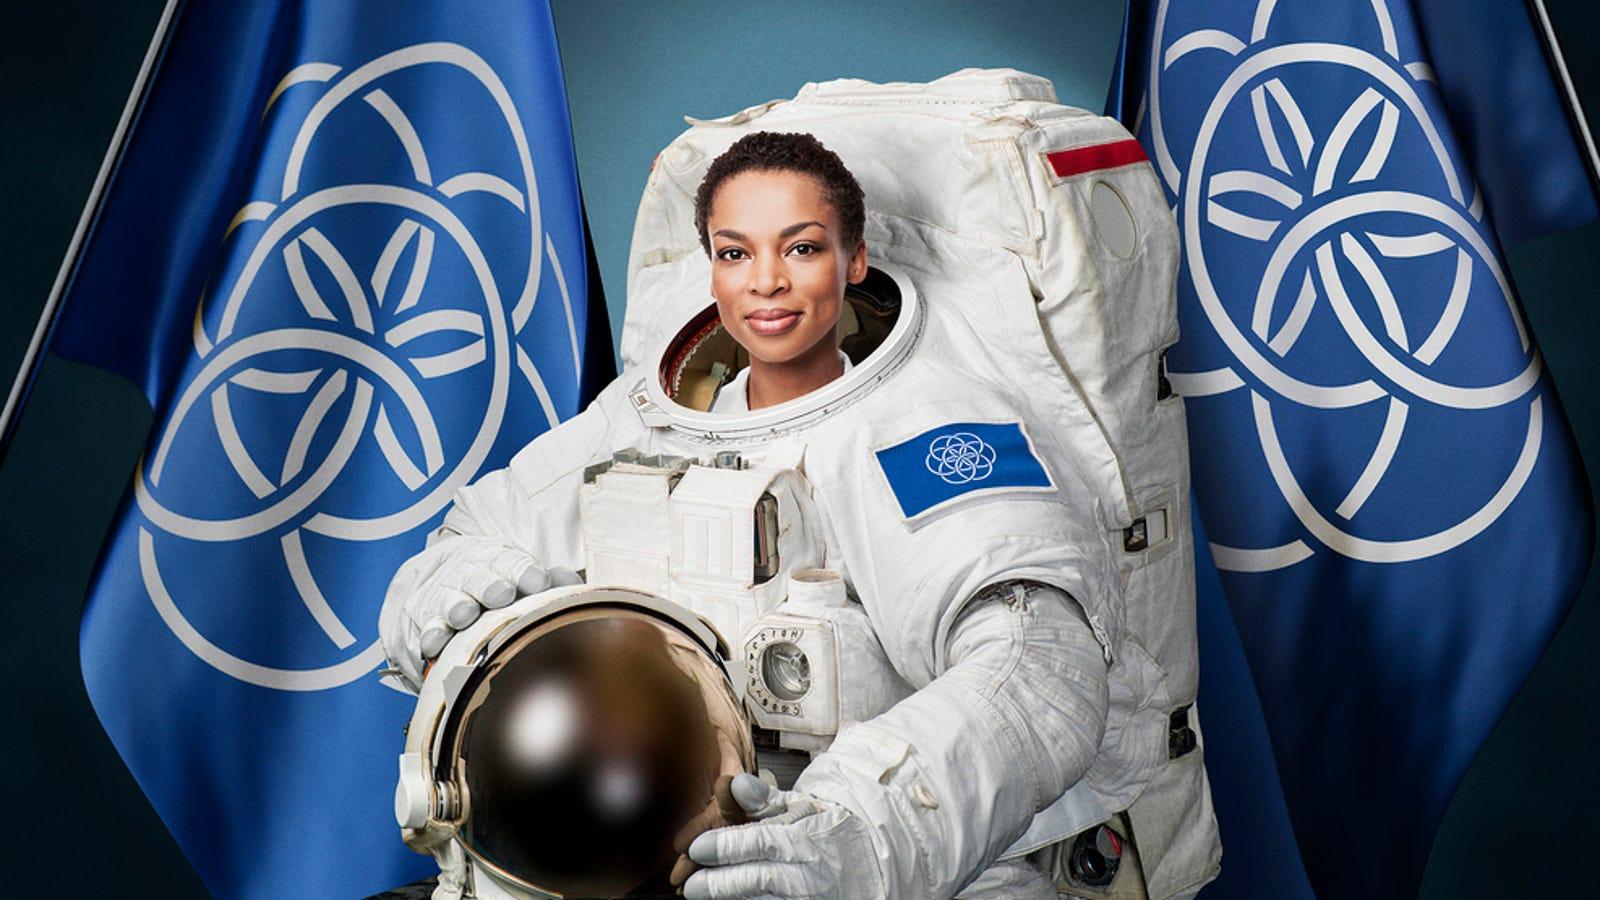 Esta es la única bandera que los astronautas deberían llevar al espacio